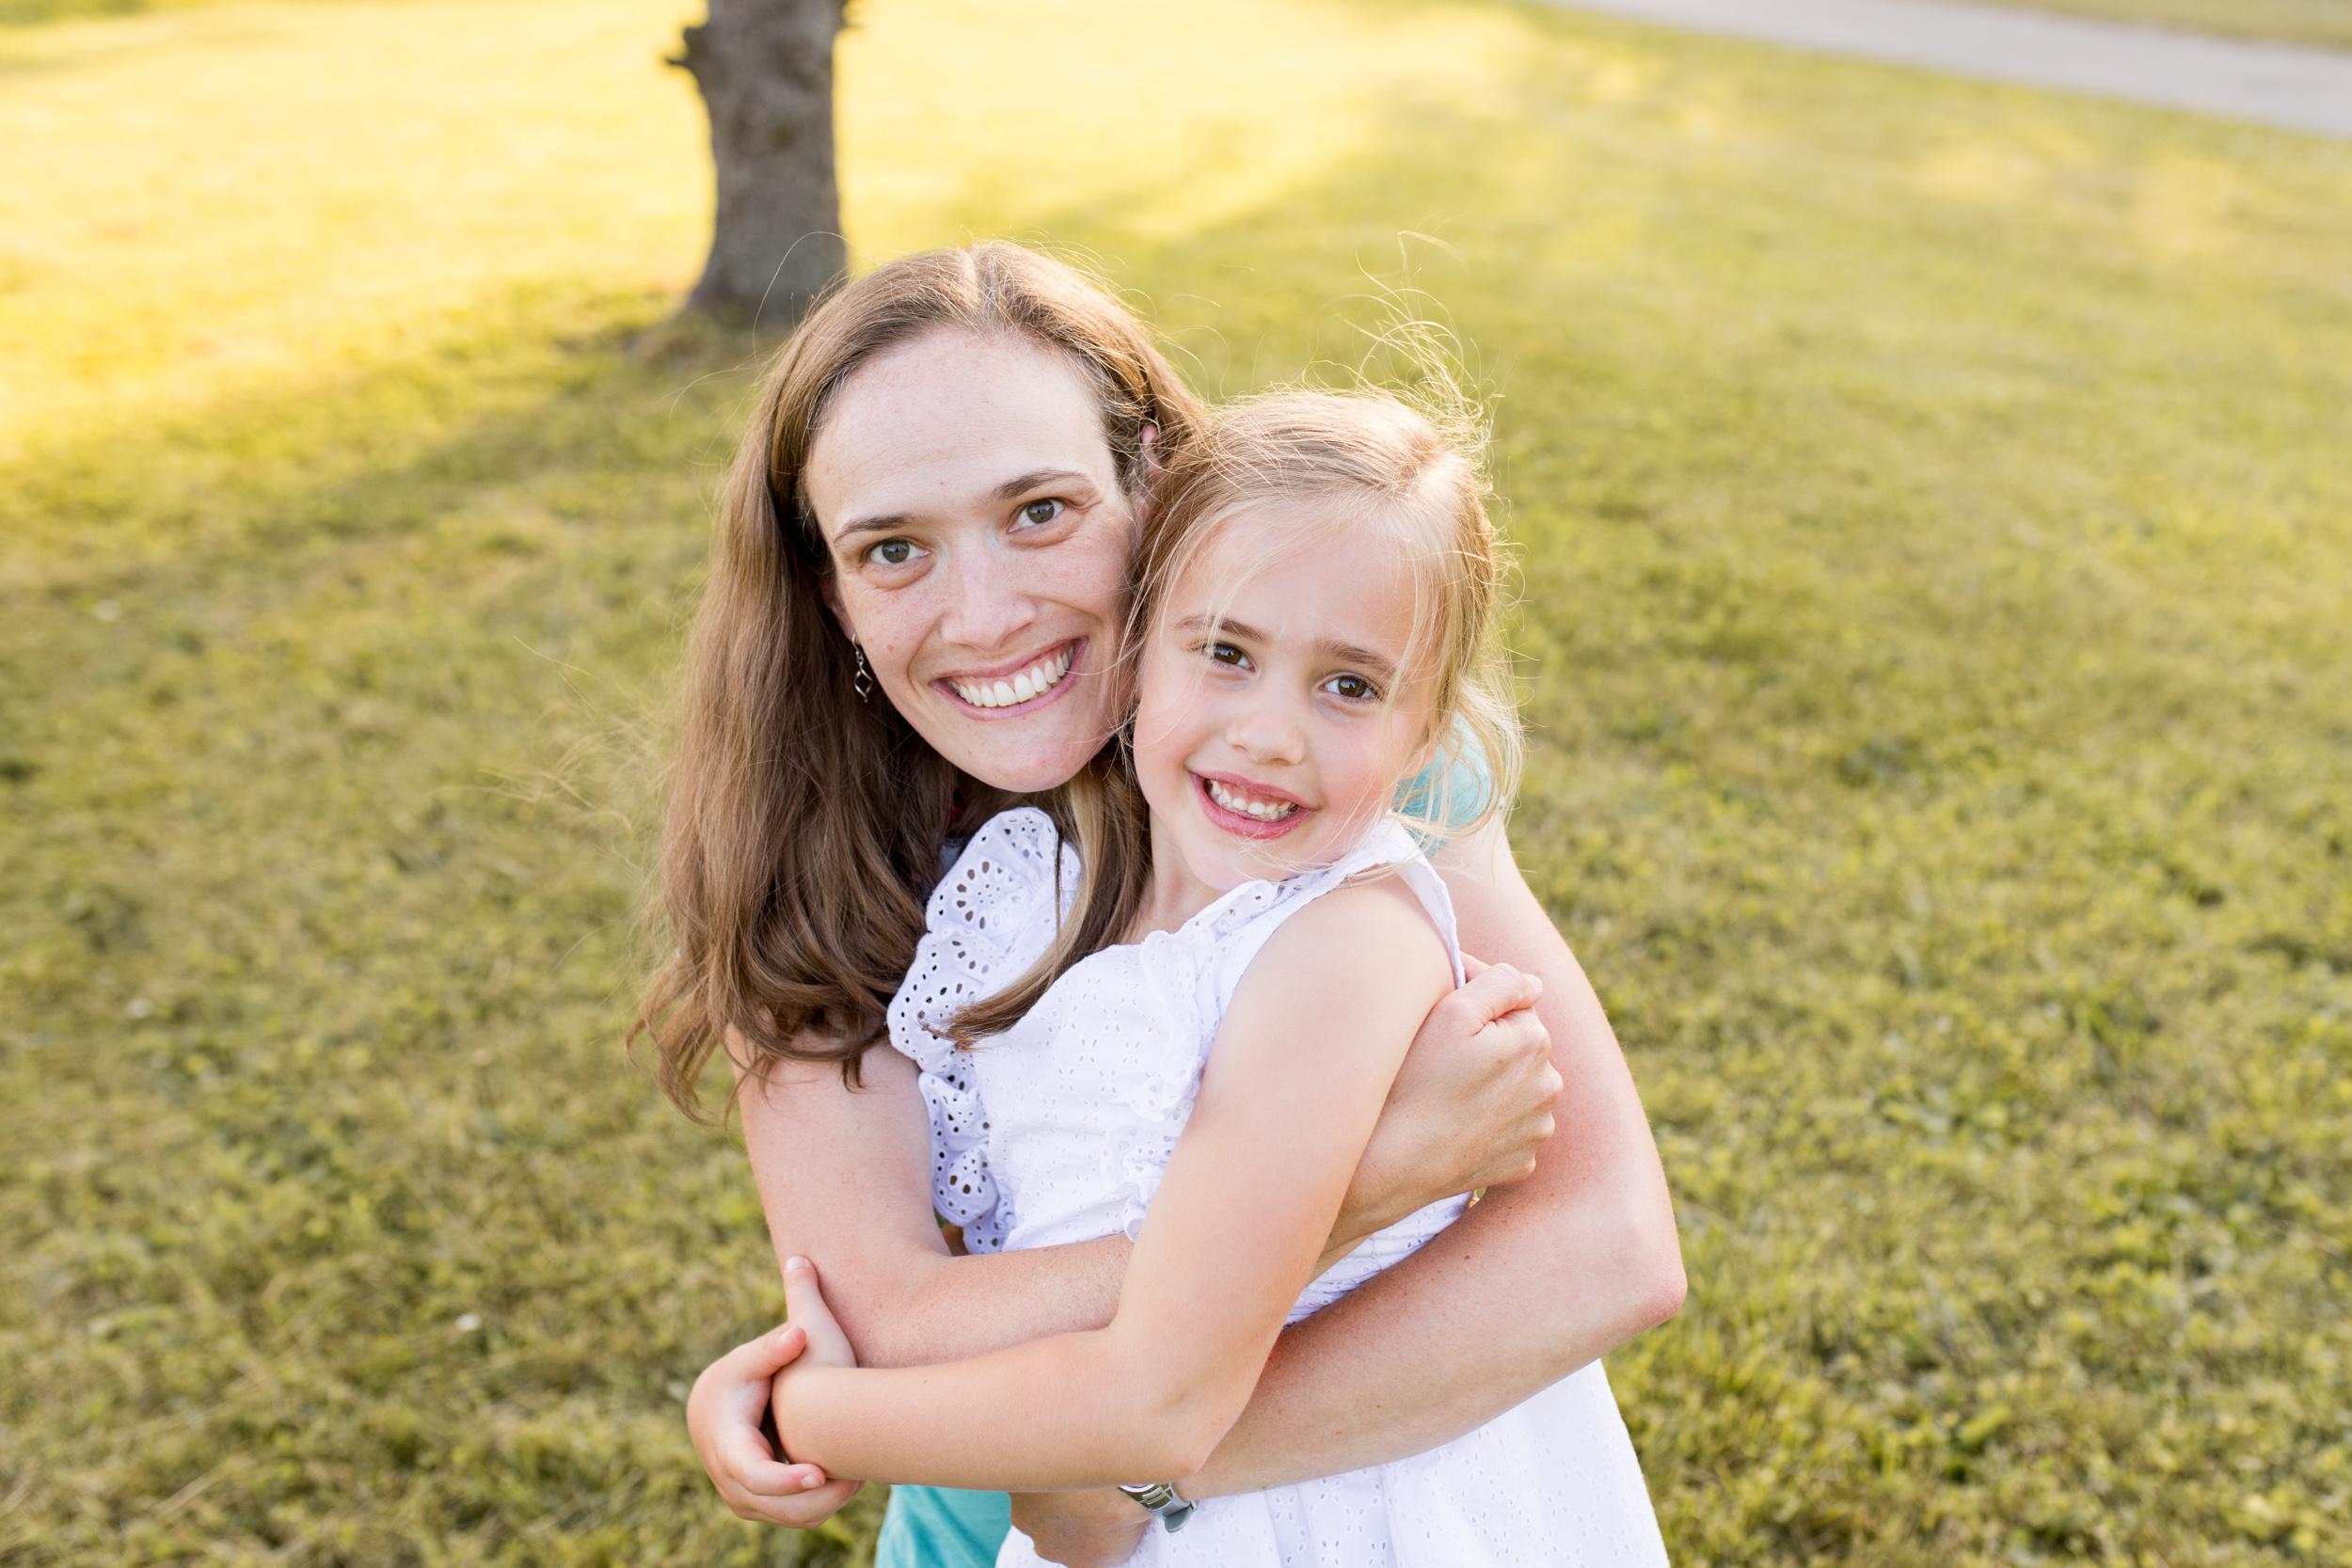 mom wraps arms around daughter